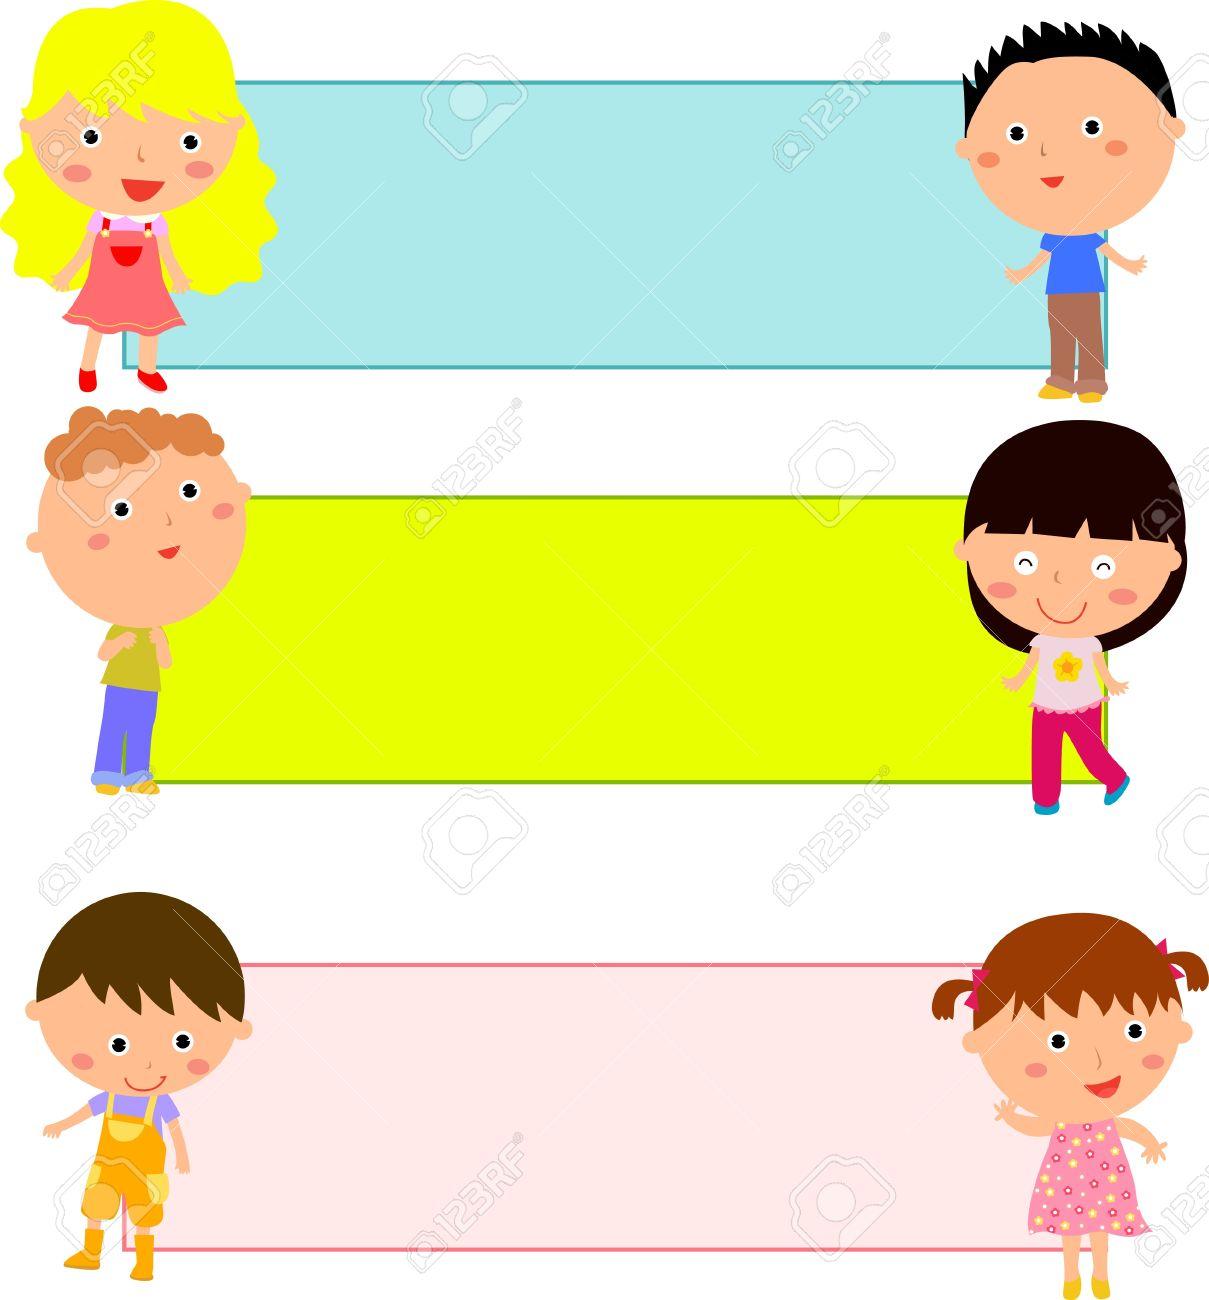 Children Frame Clipart.